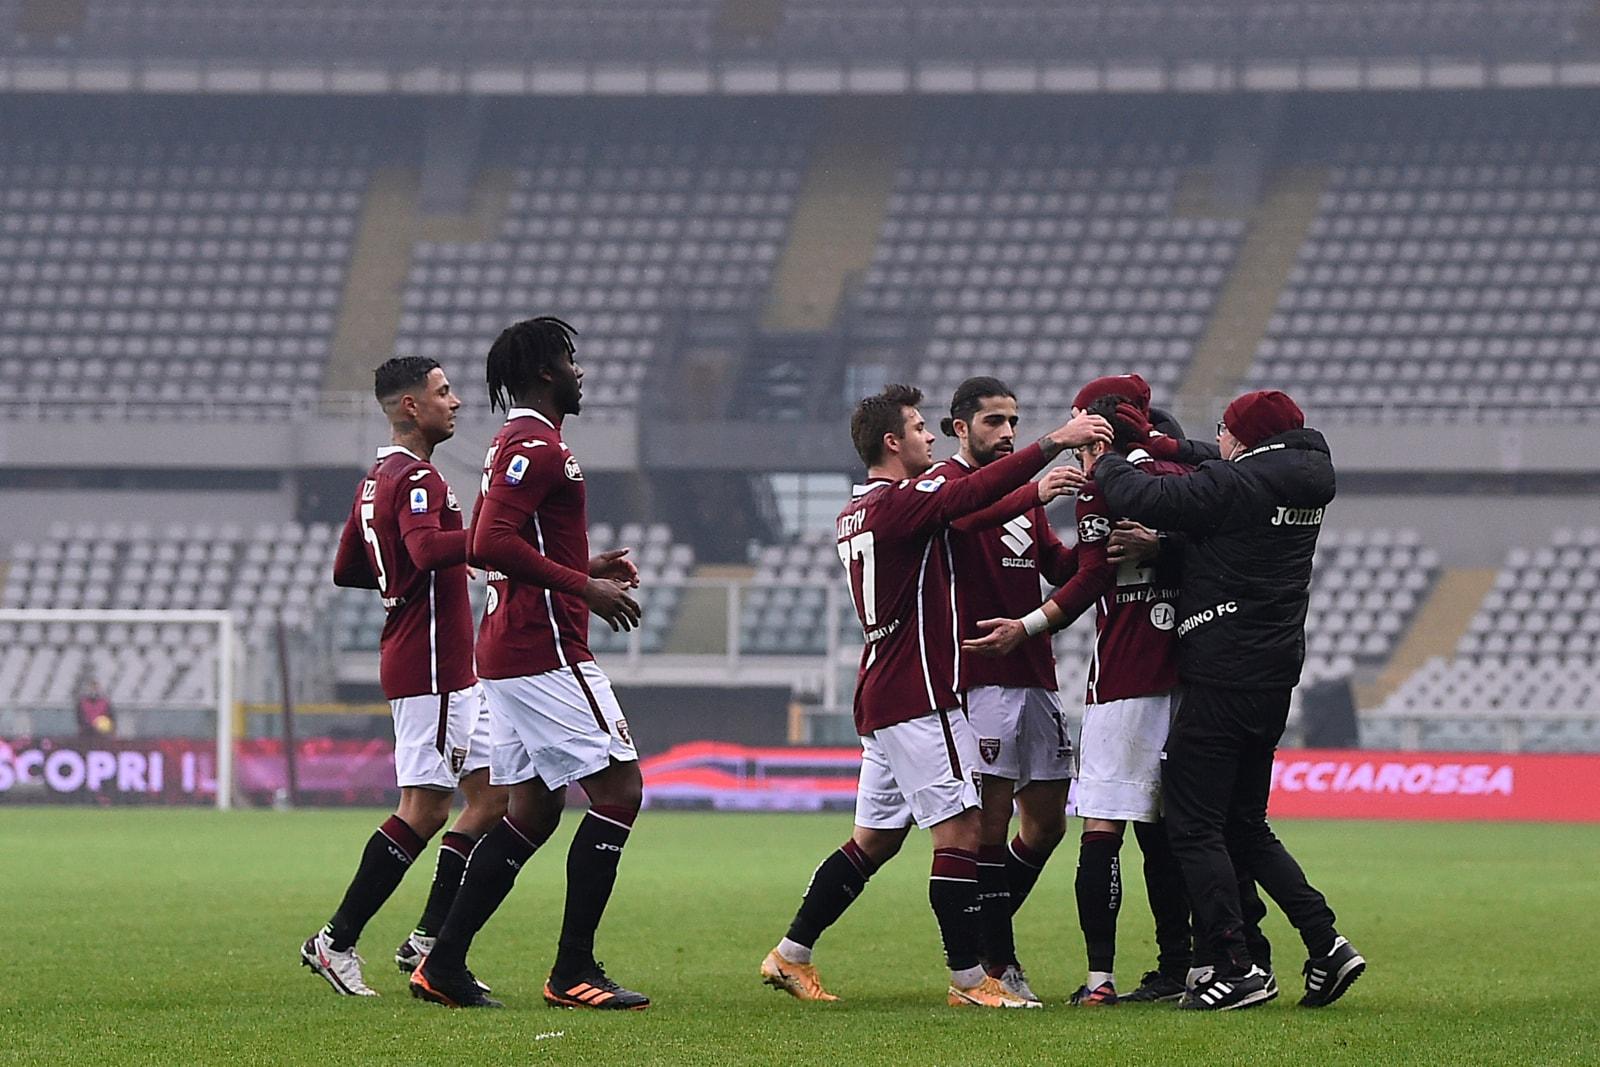 Il Torino si accontenta del pari: 1-1 con il Bologna, Verdi non basta